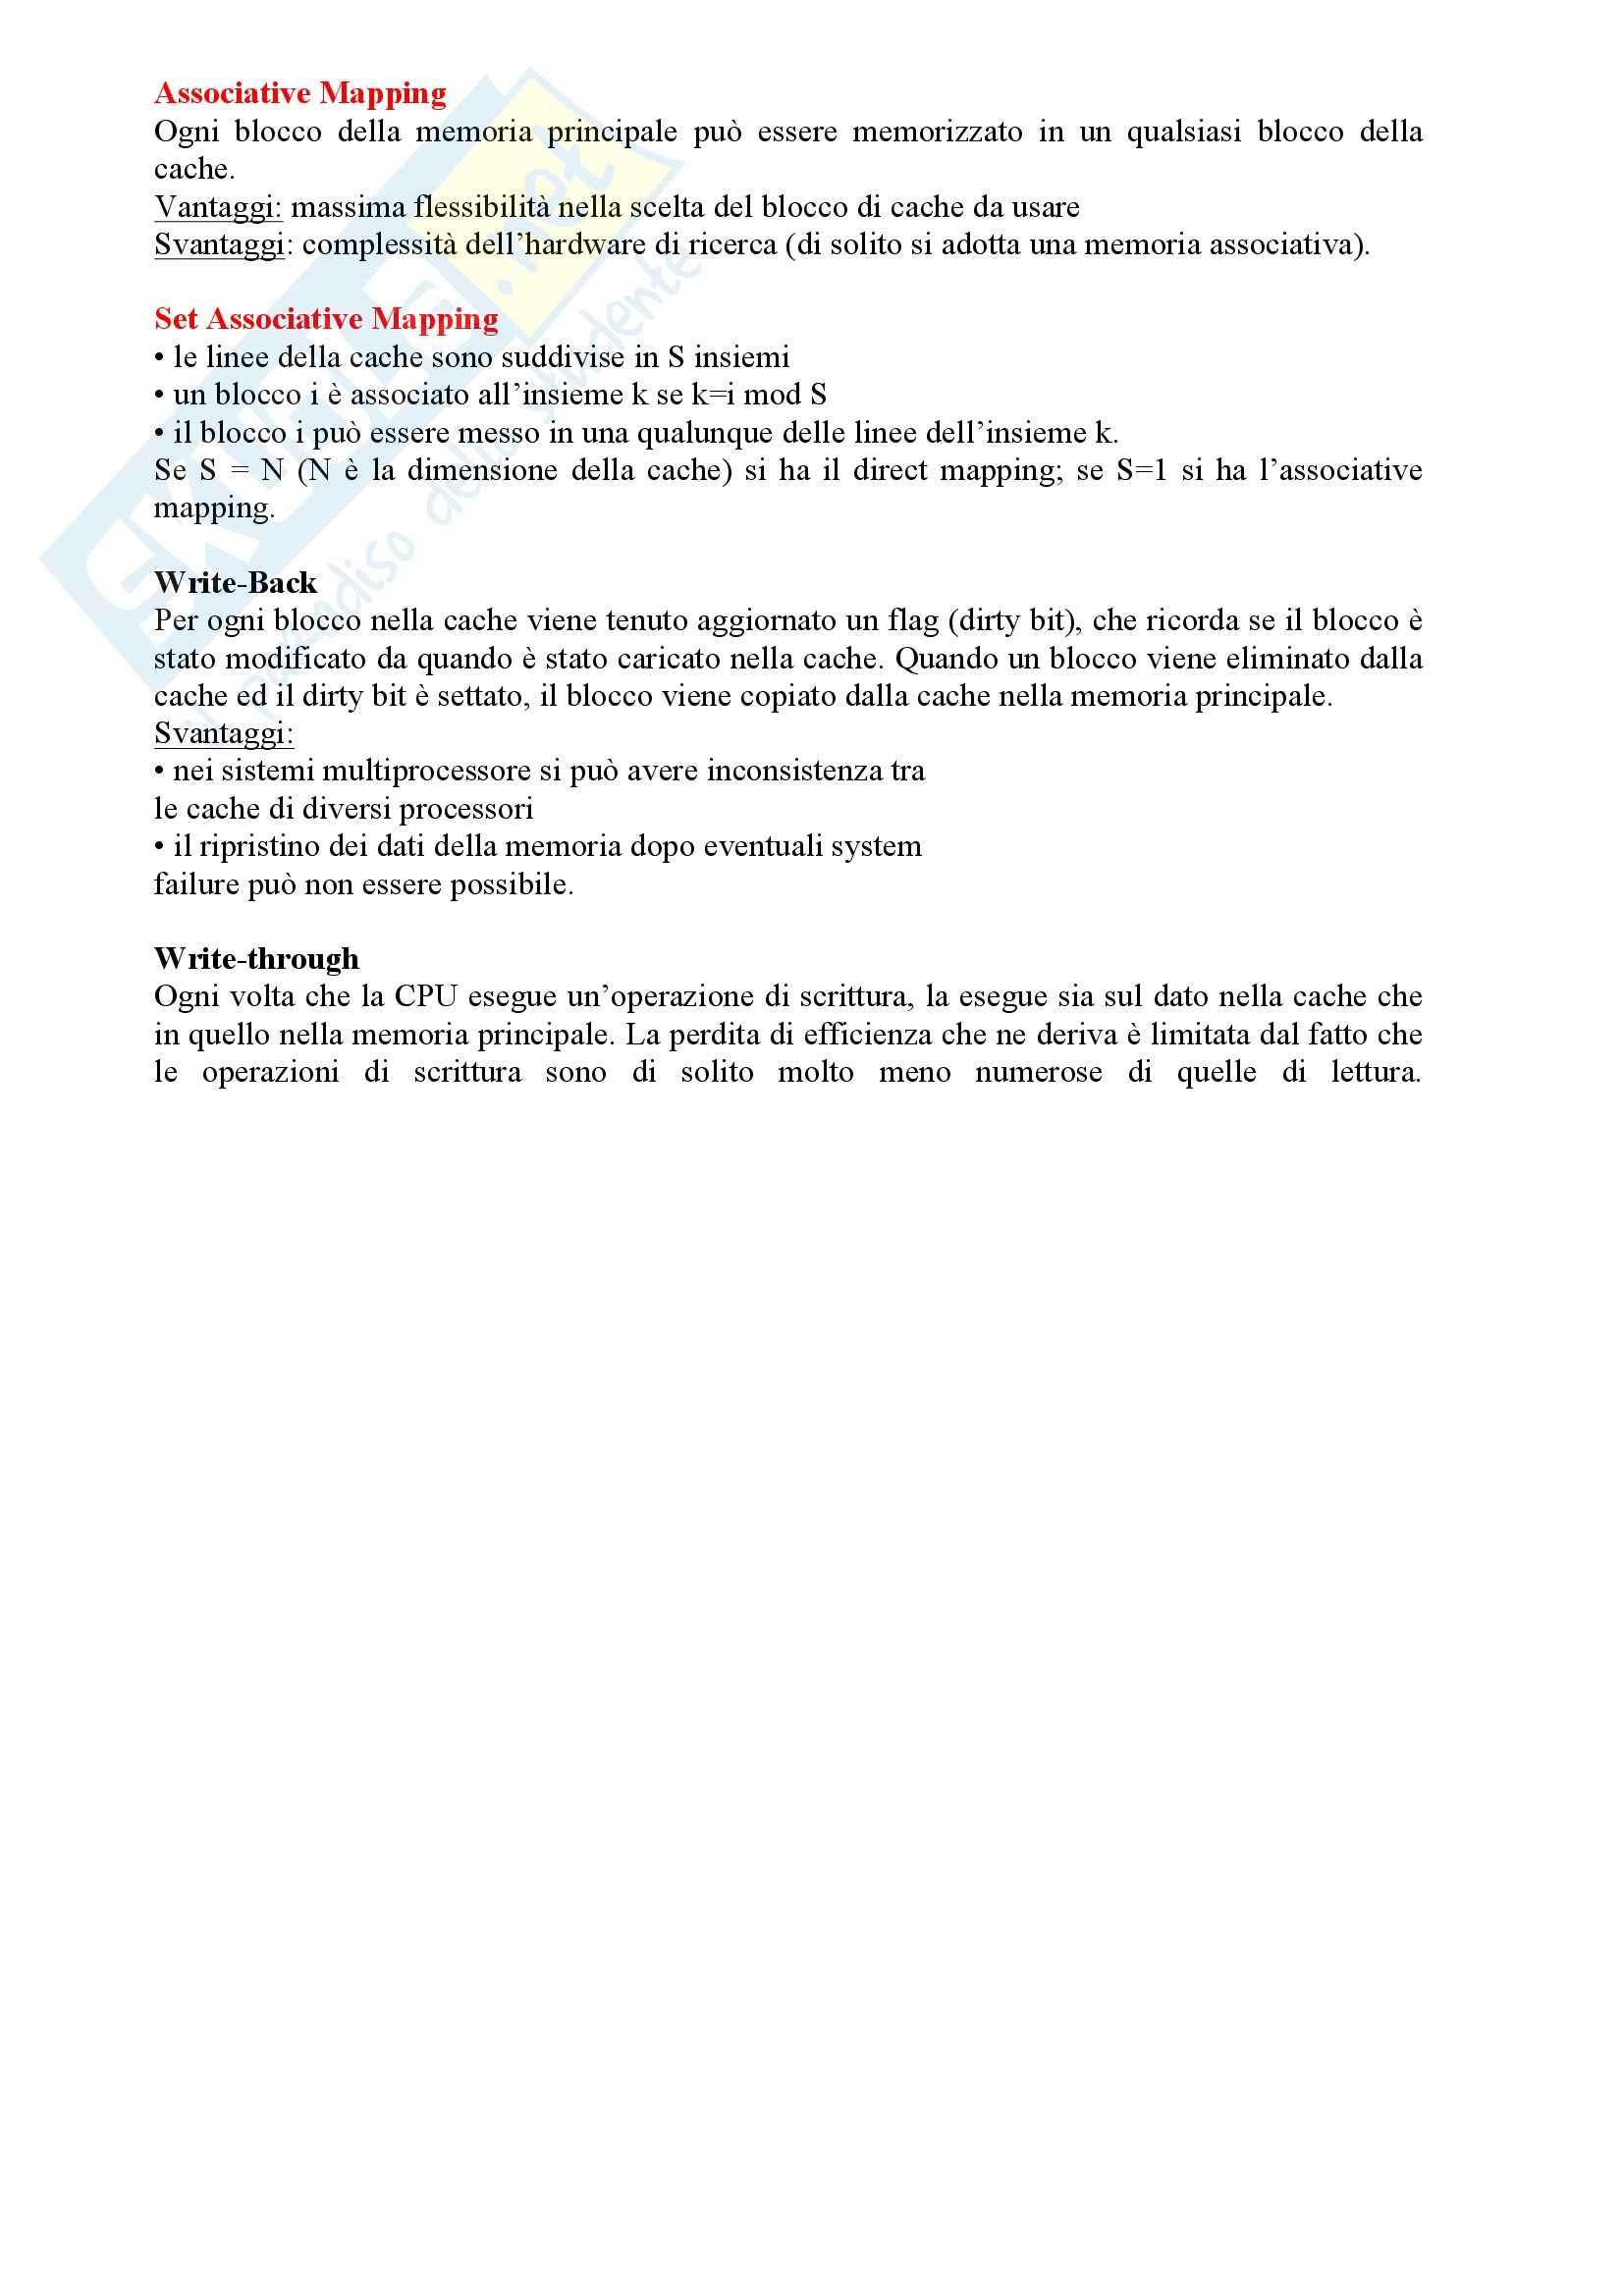 Calcolatori Elettronici - Riassunto esame teoria, prof. Sonza Pag. 6